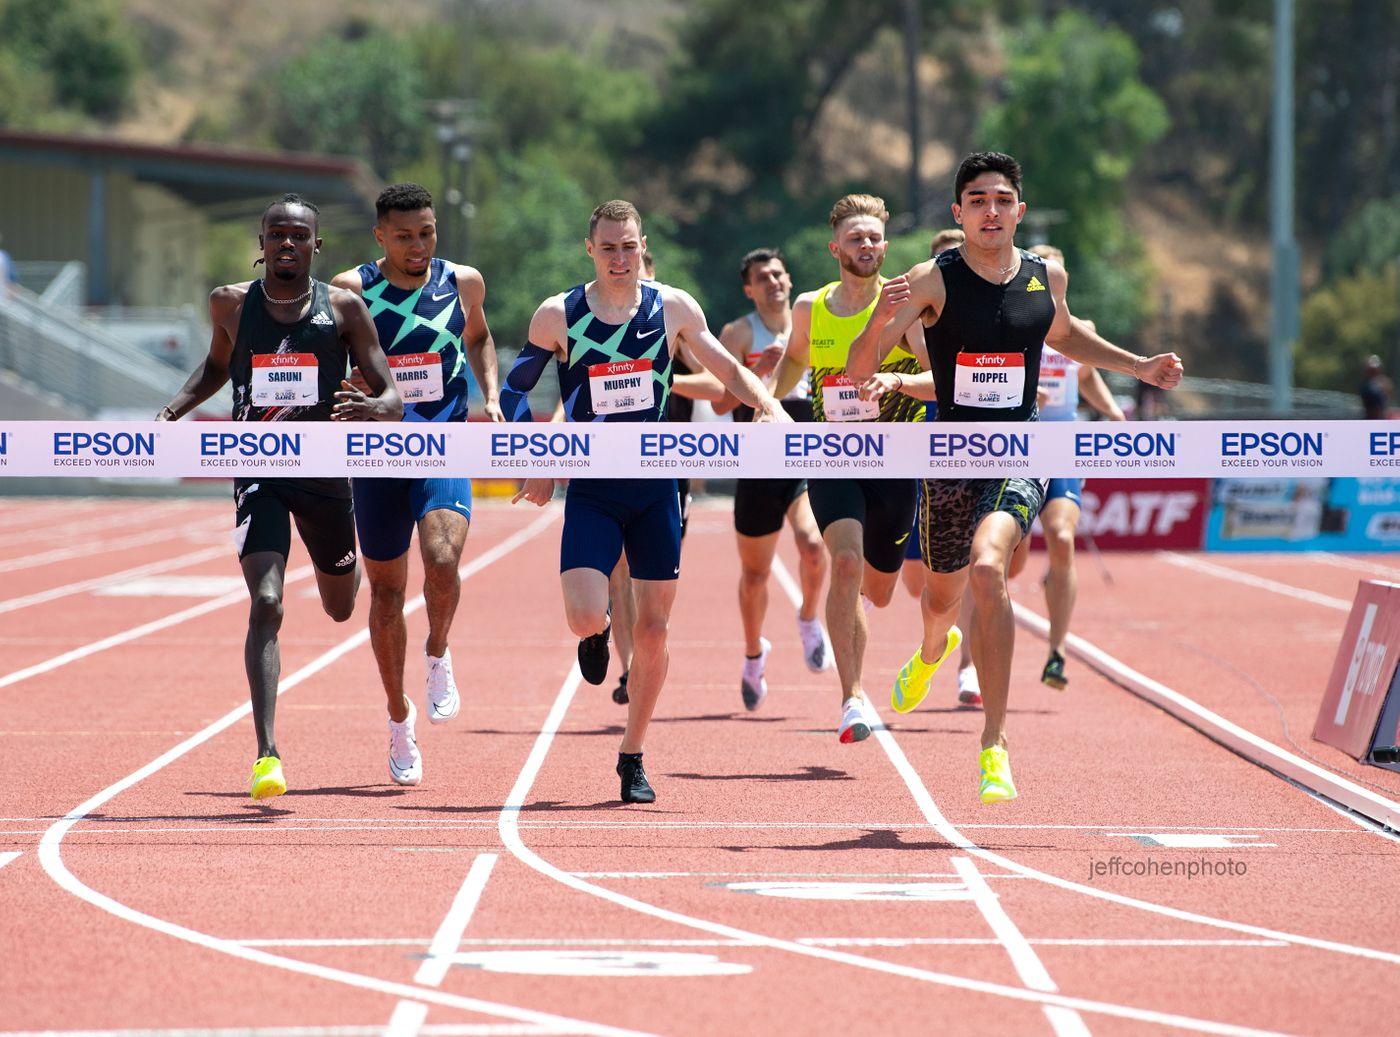 Bryce Hoppel, 800meters, 2021 USATF Golden Games